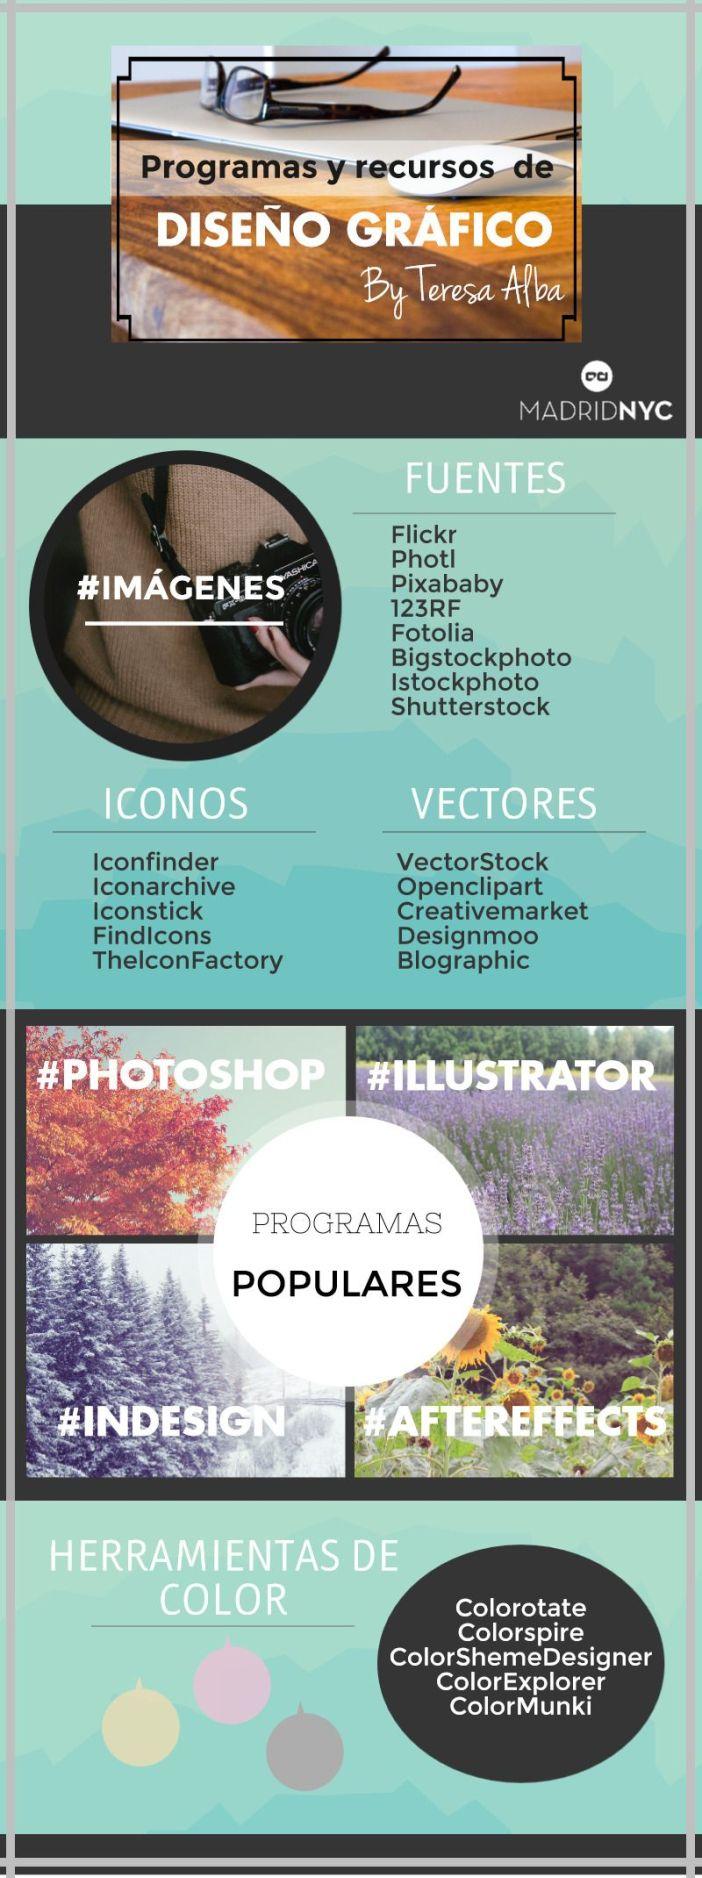 programas de diseño gráfico - Infografía